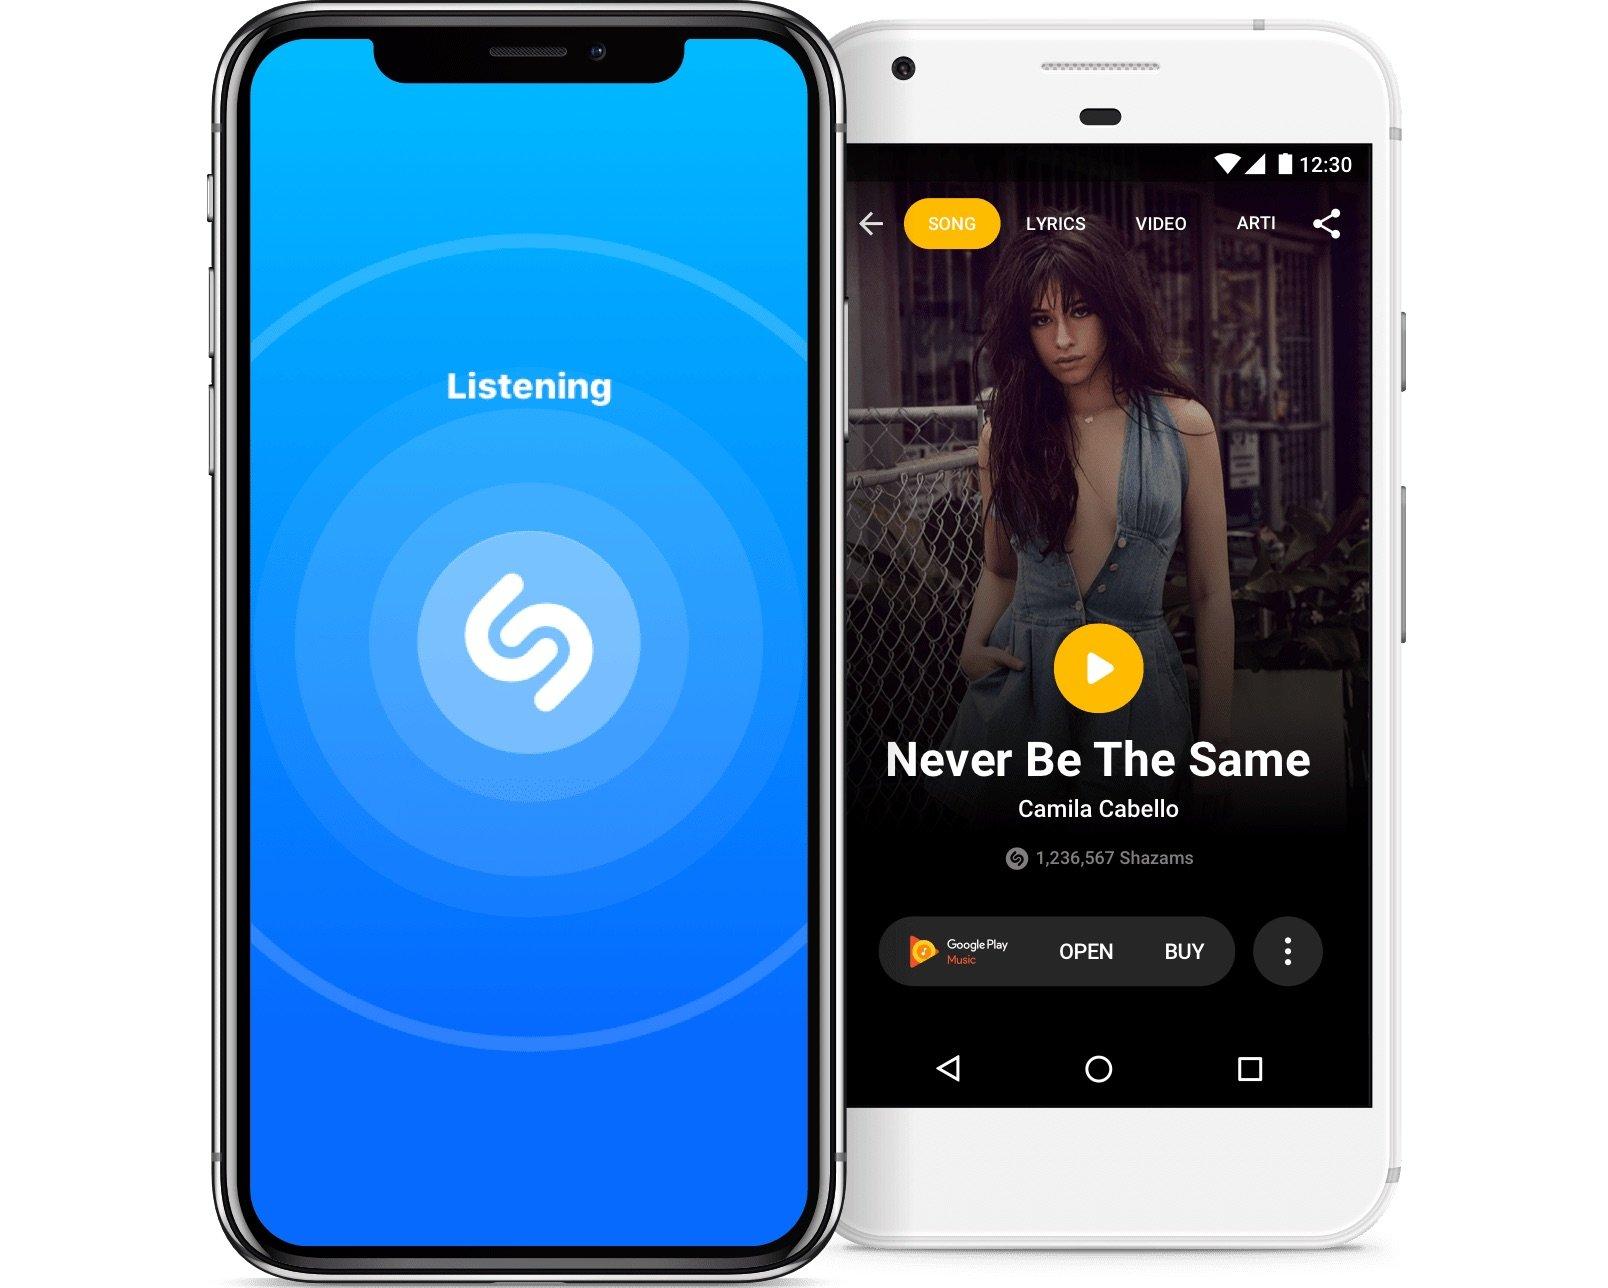 La 1ère version Shazam depuis son rachat par Apple se tourne vers Instagram 1